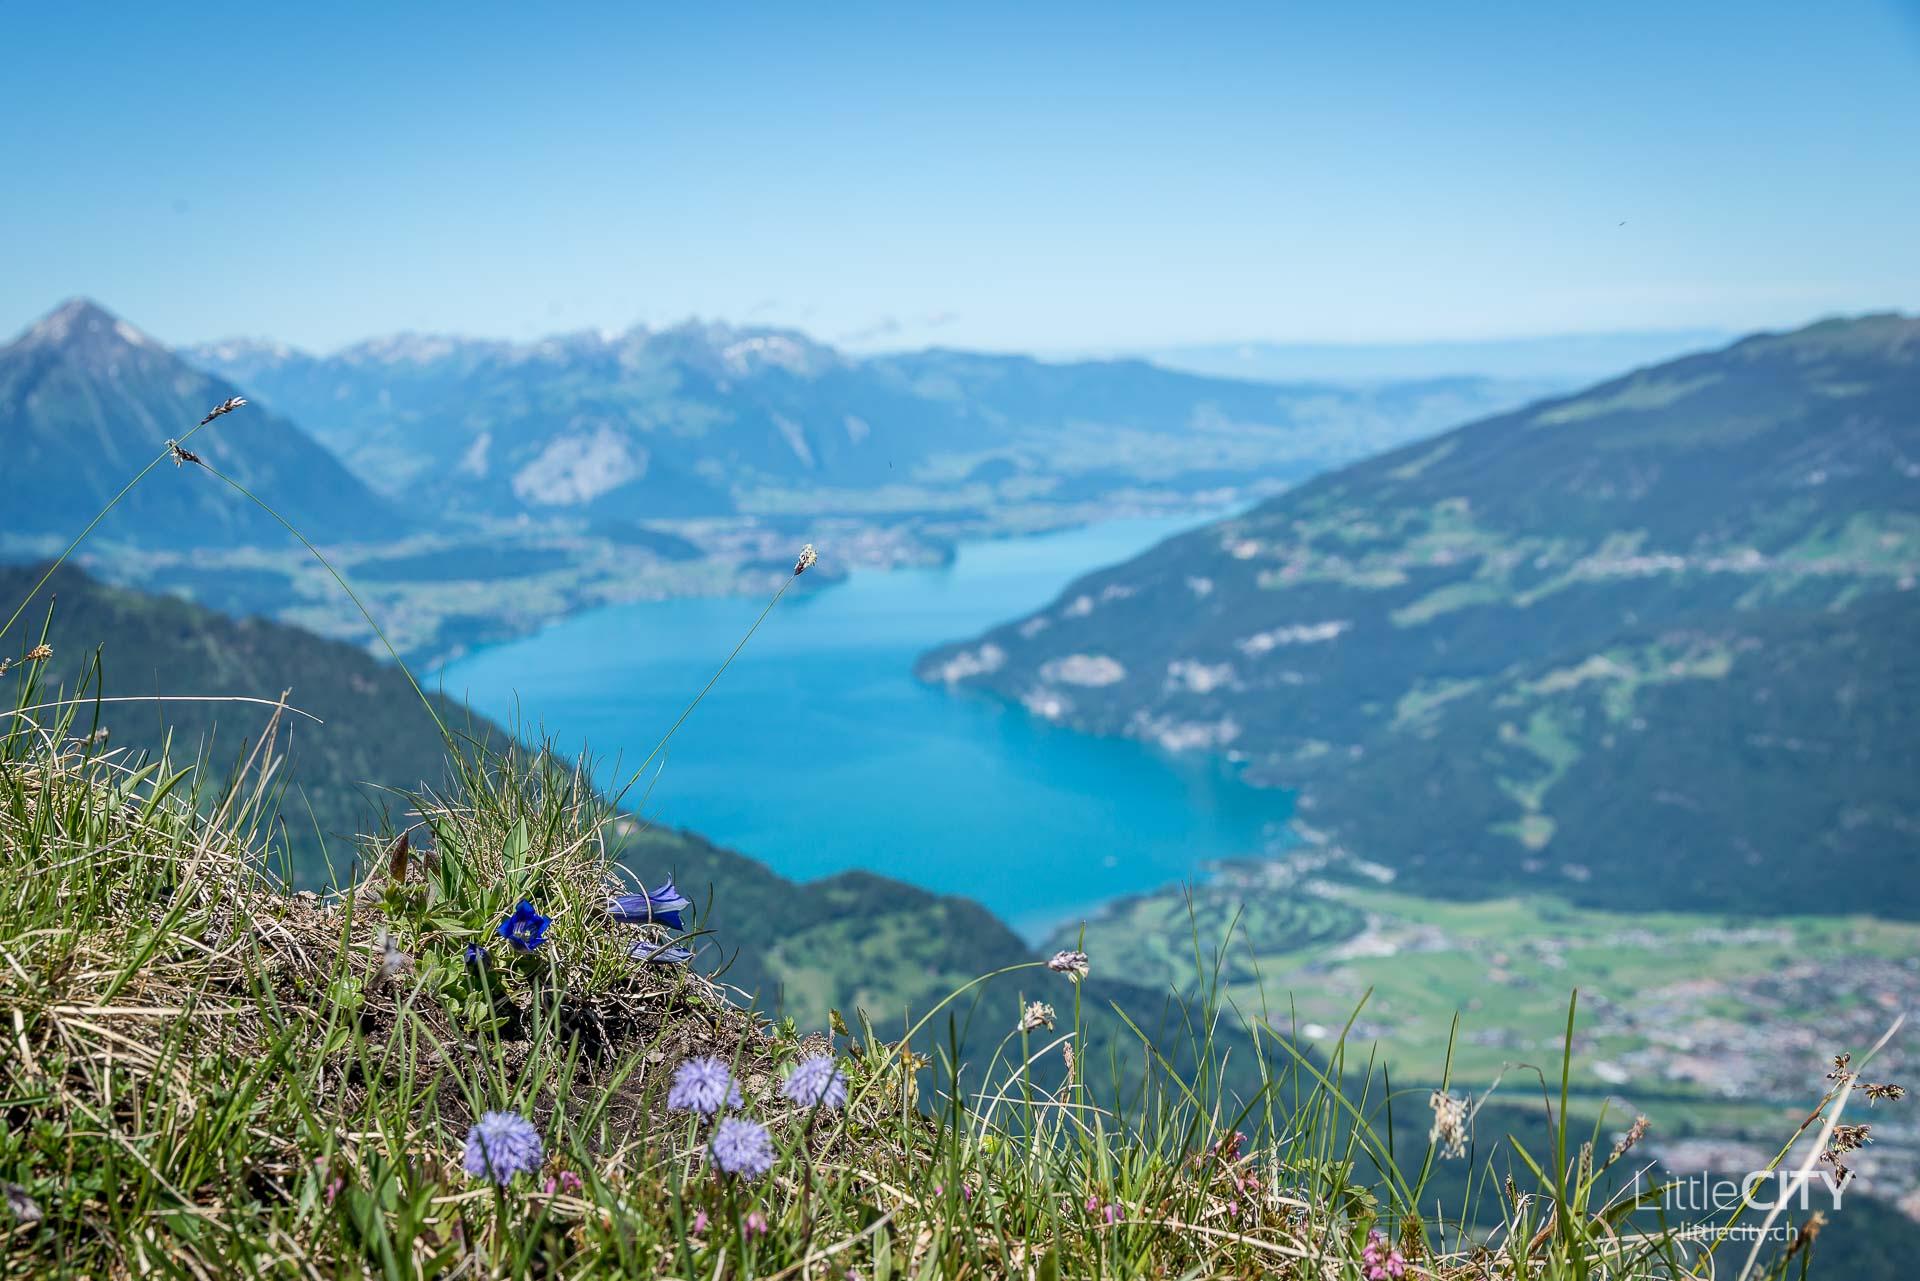 Schynige Platte Wanderung Jungfrau Bahnen LittleCITY-15